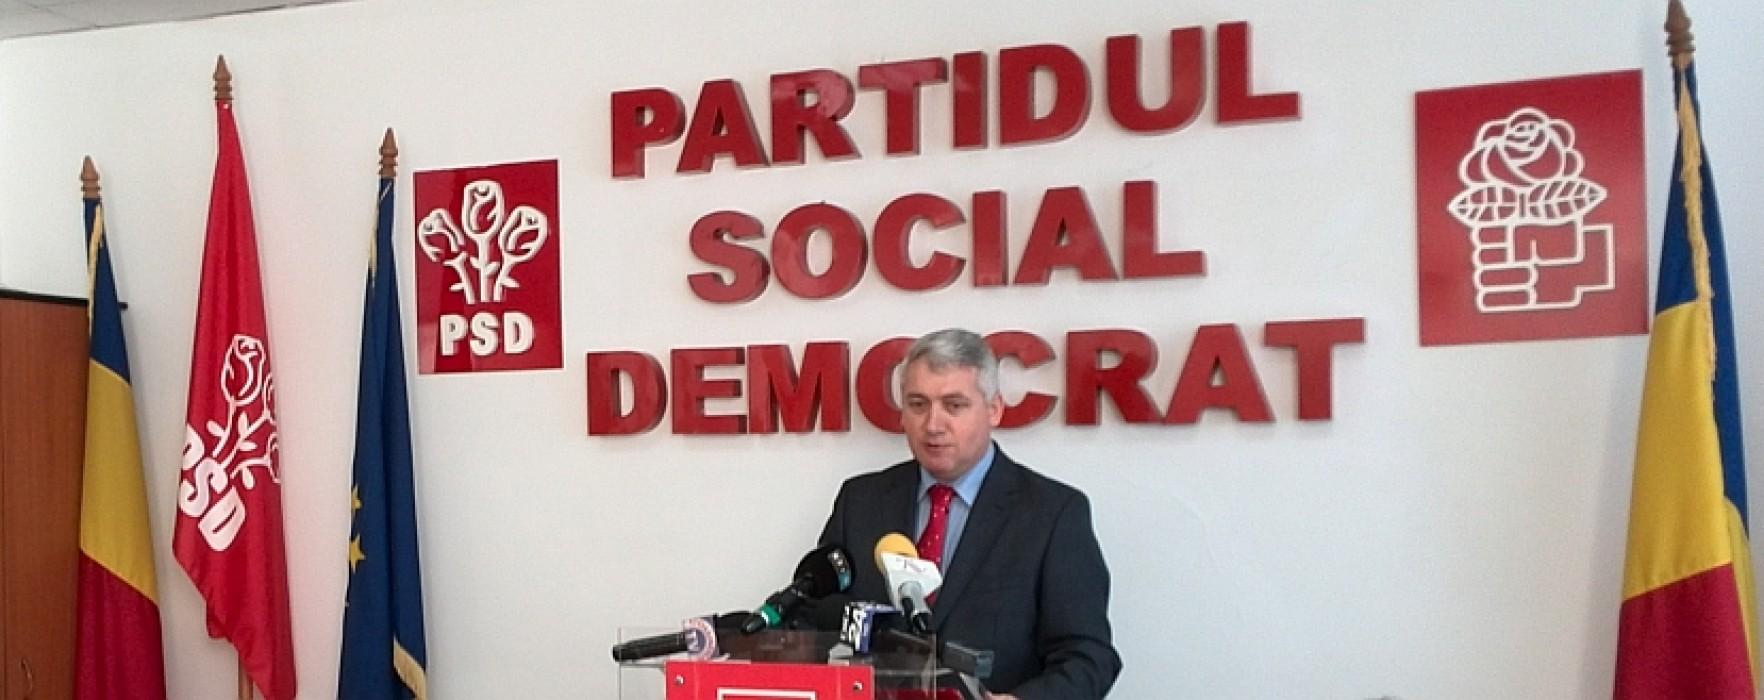 Adrian Ţuţuianu: Camera de Conturi nu a verificat aspecte grave din localităţi dâmbovițene cu primari PDL (audio)